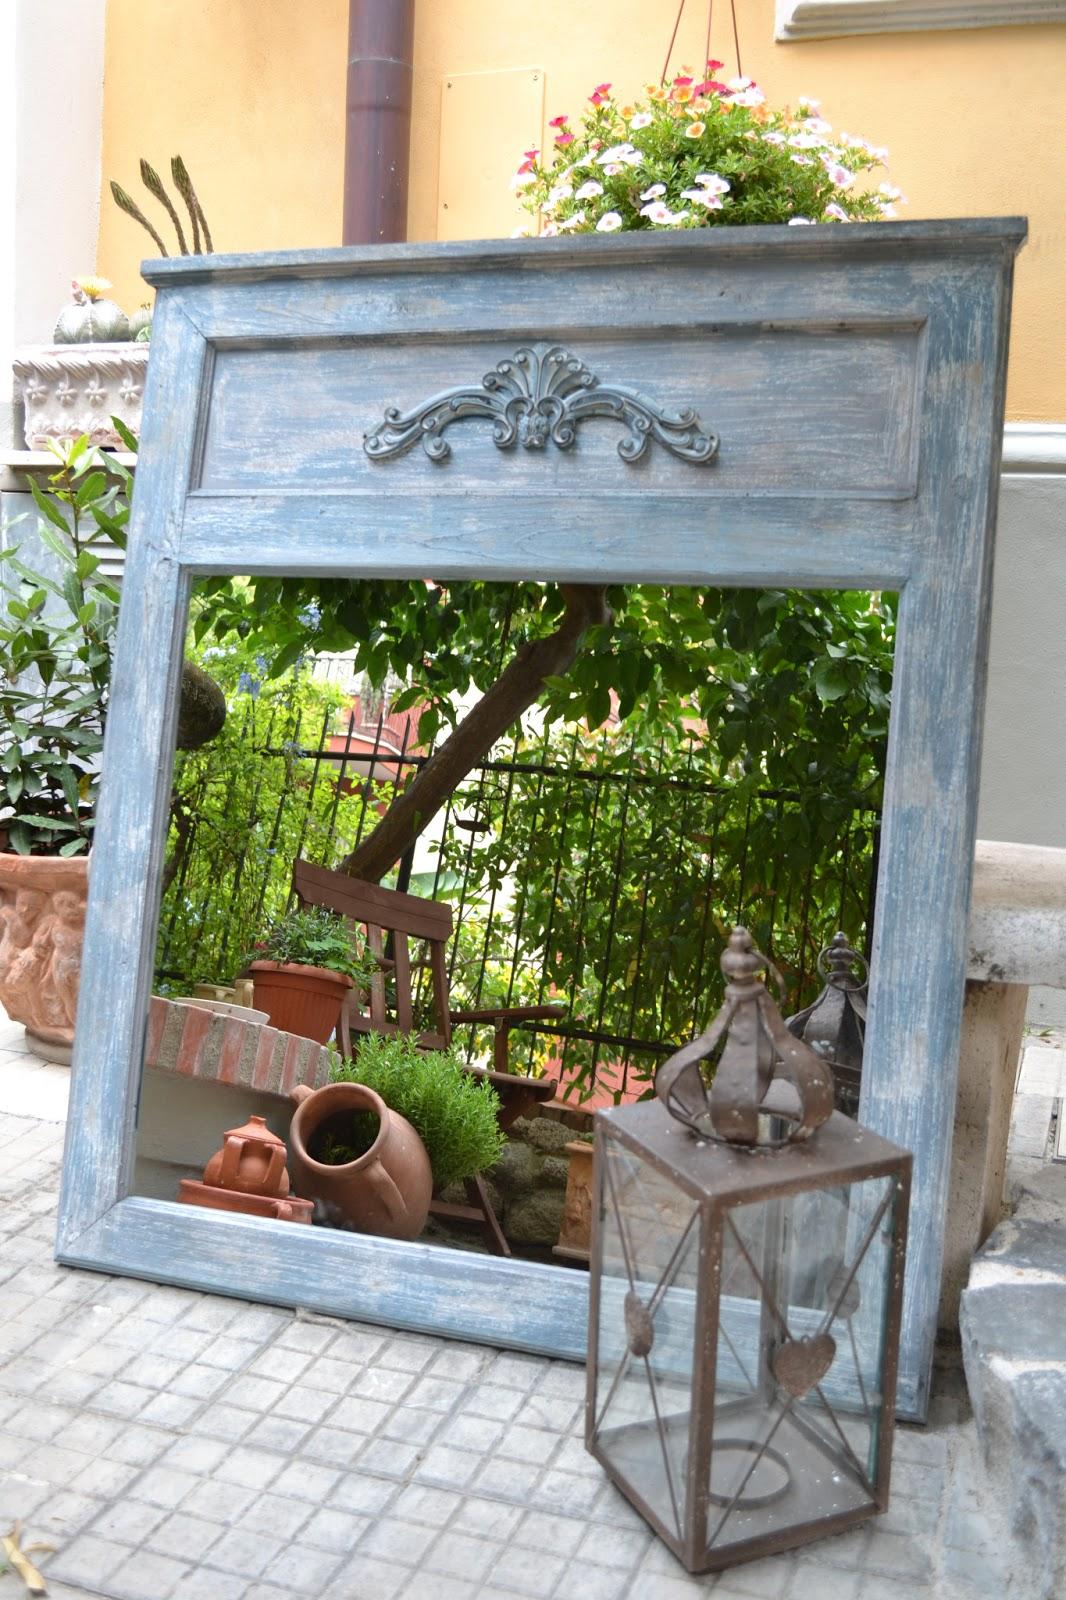 Al gatto gobbo domenica a porta portese i nostri - Porta portese regali ...